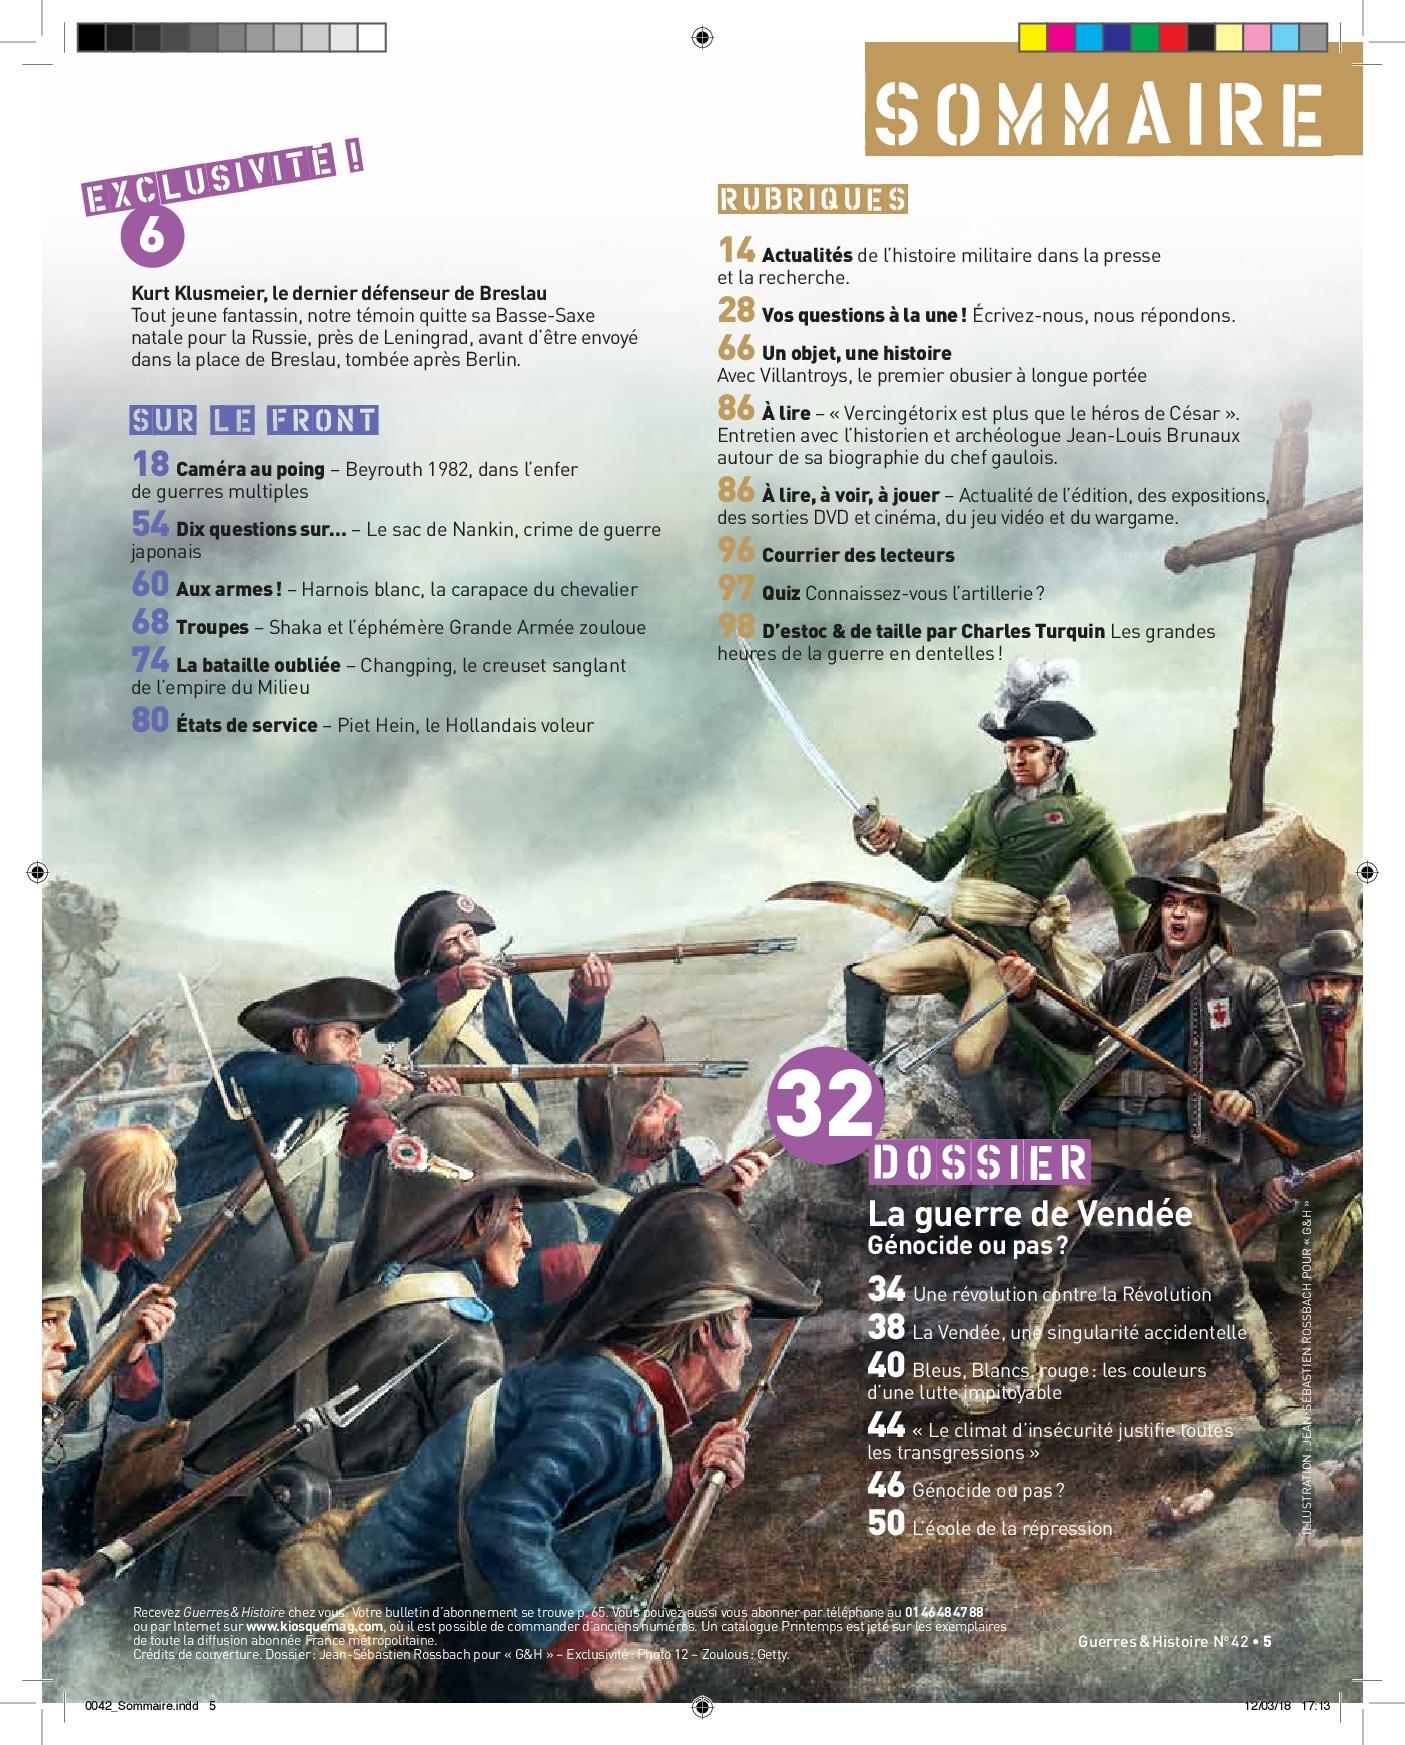 Sommaire guerres et Histoire n°42